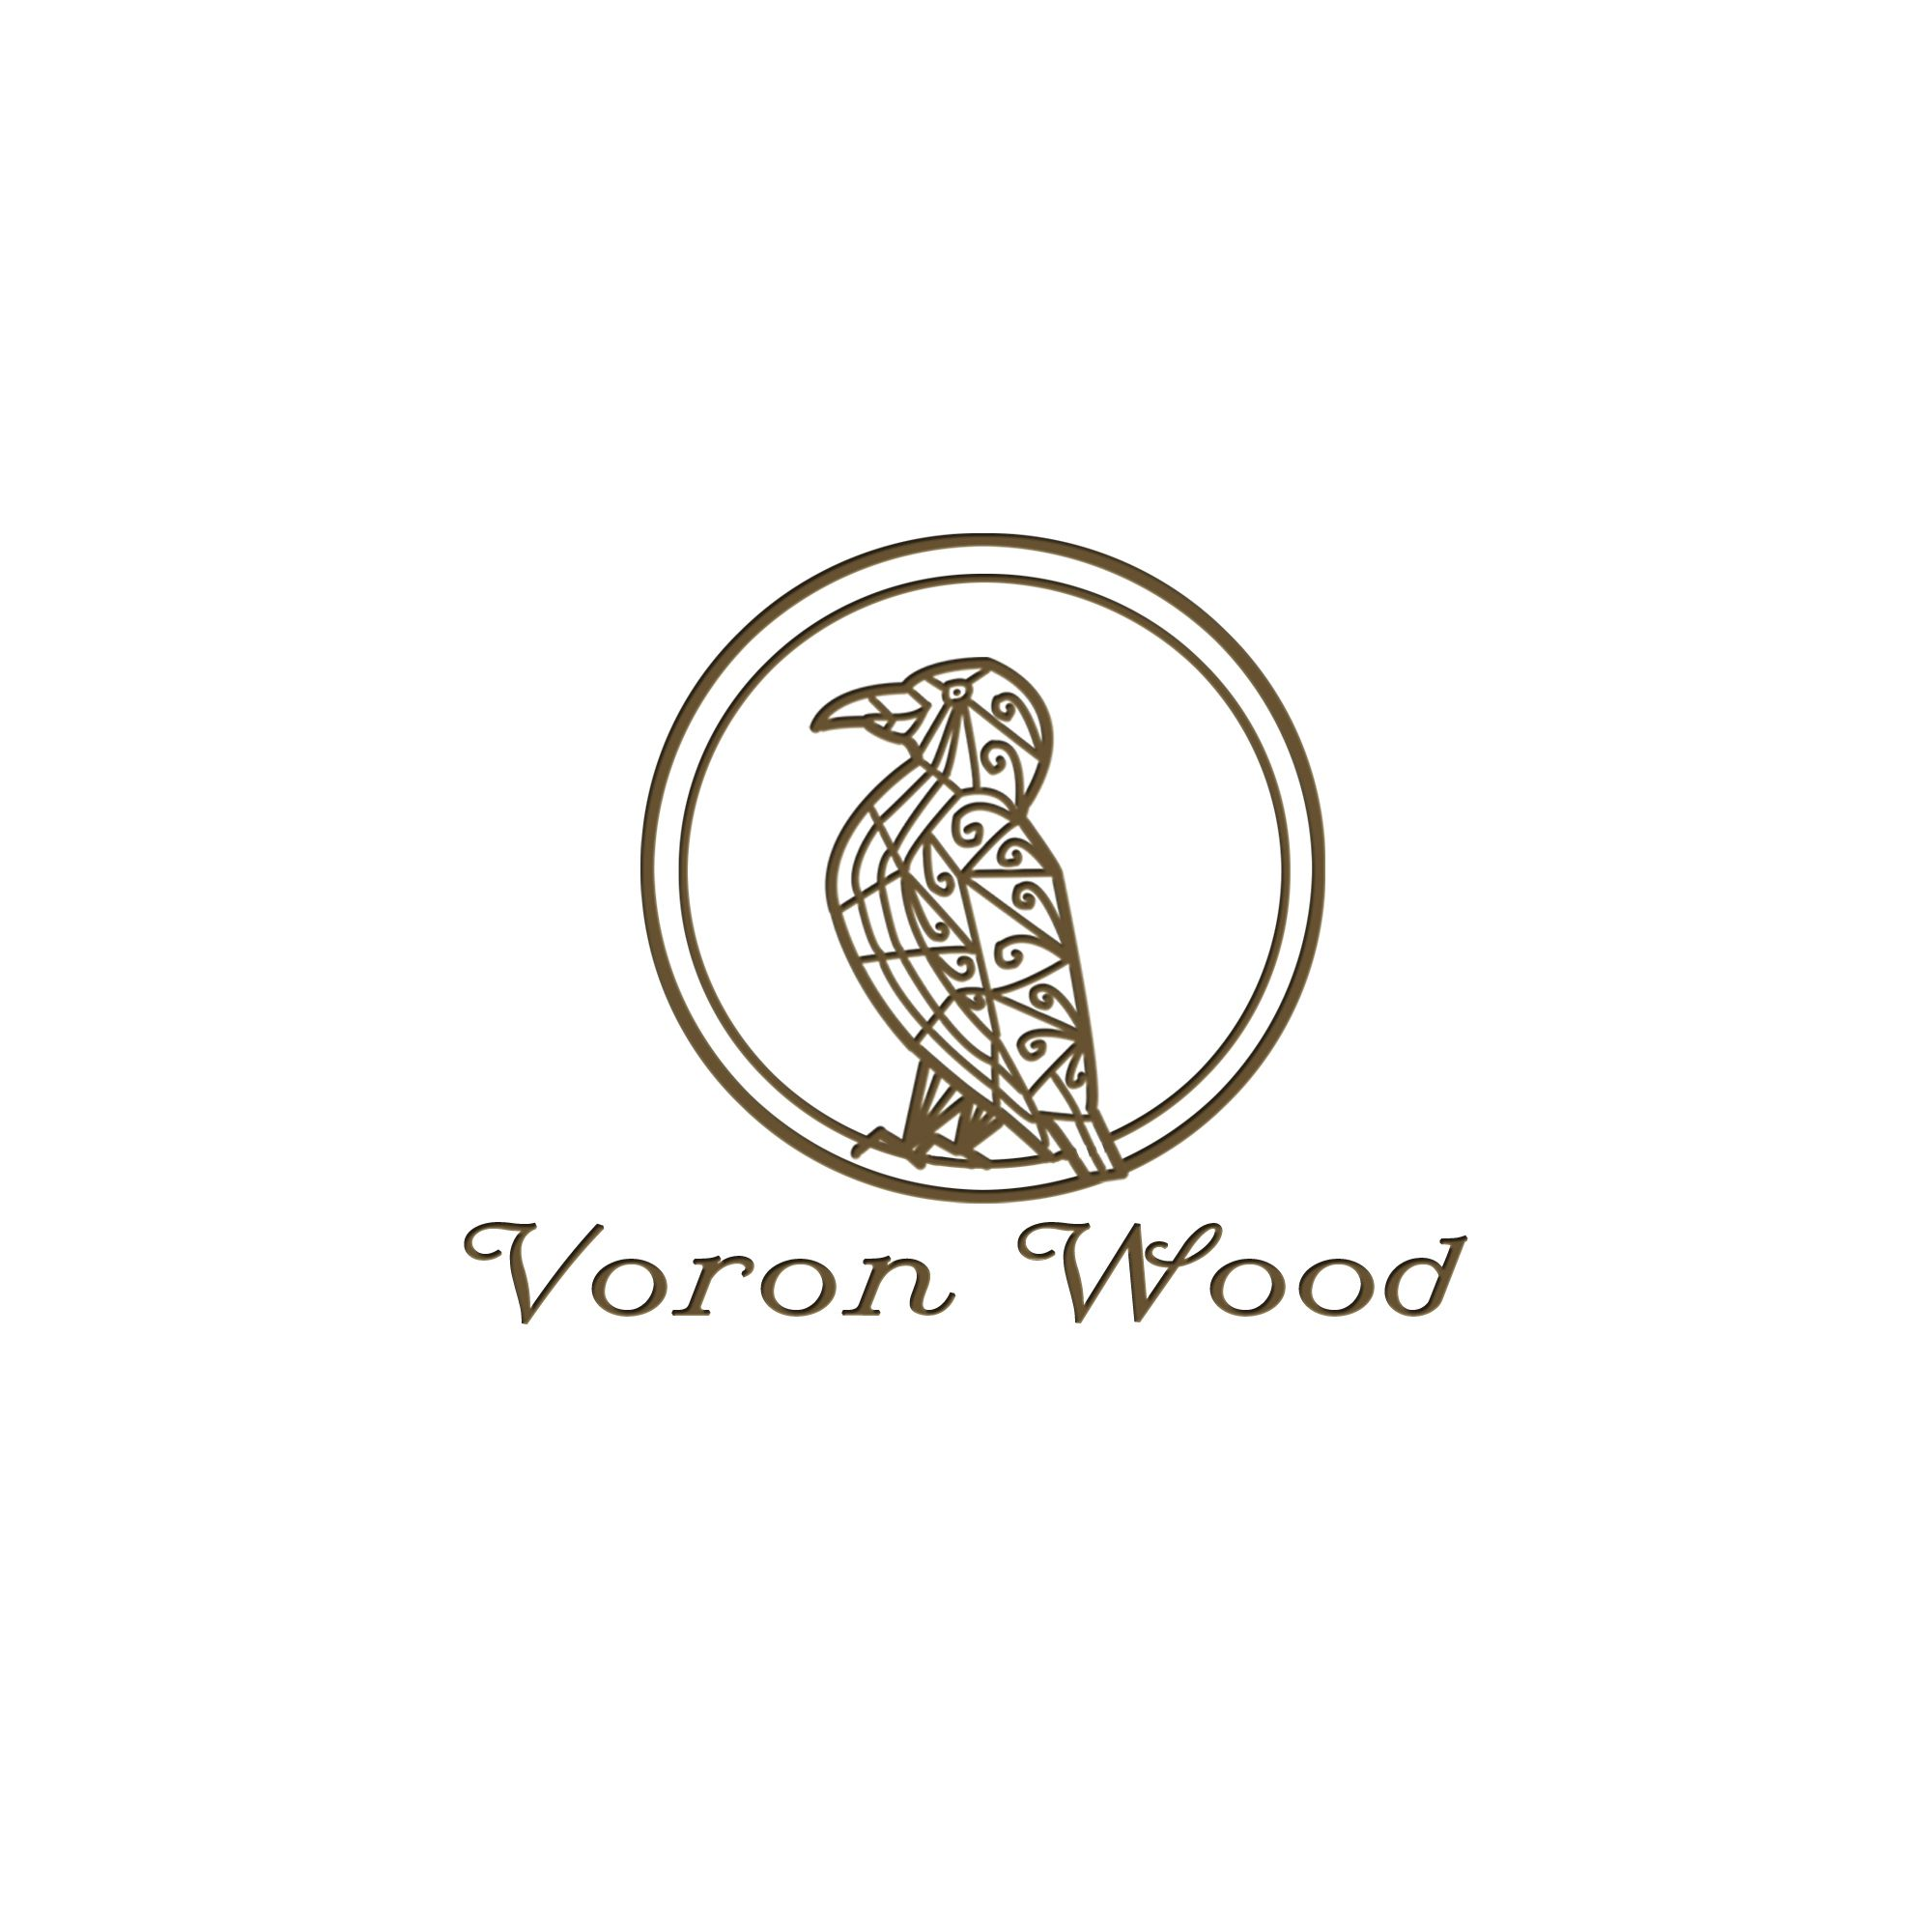 Логотип для Voron-Wood - дизайнер AlekseiV